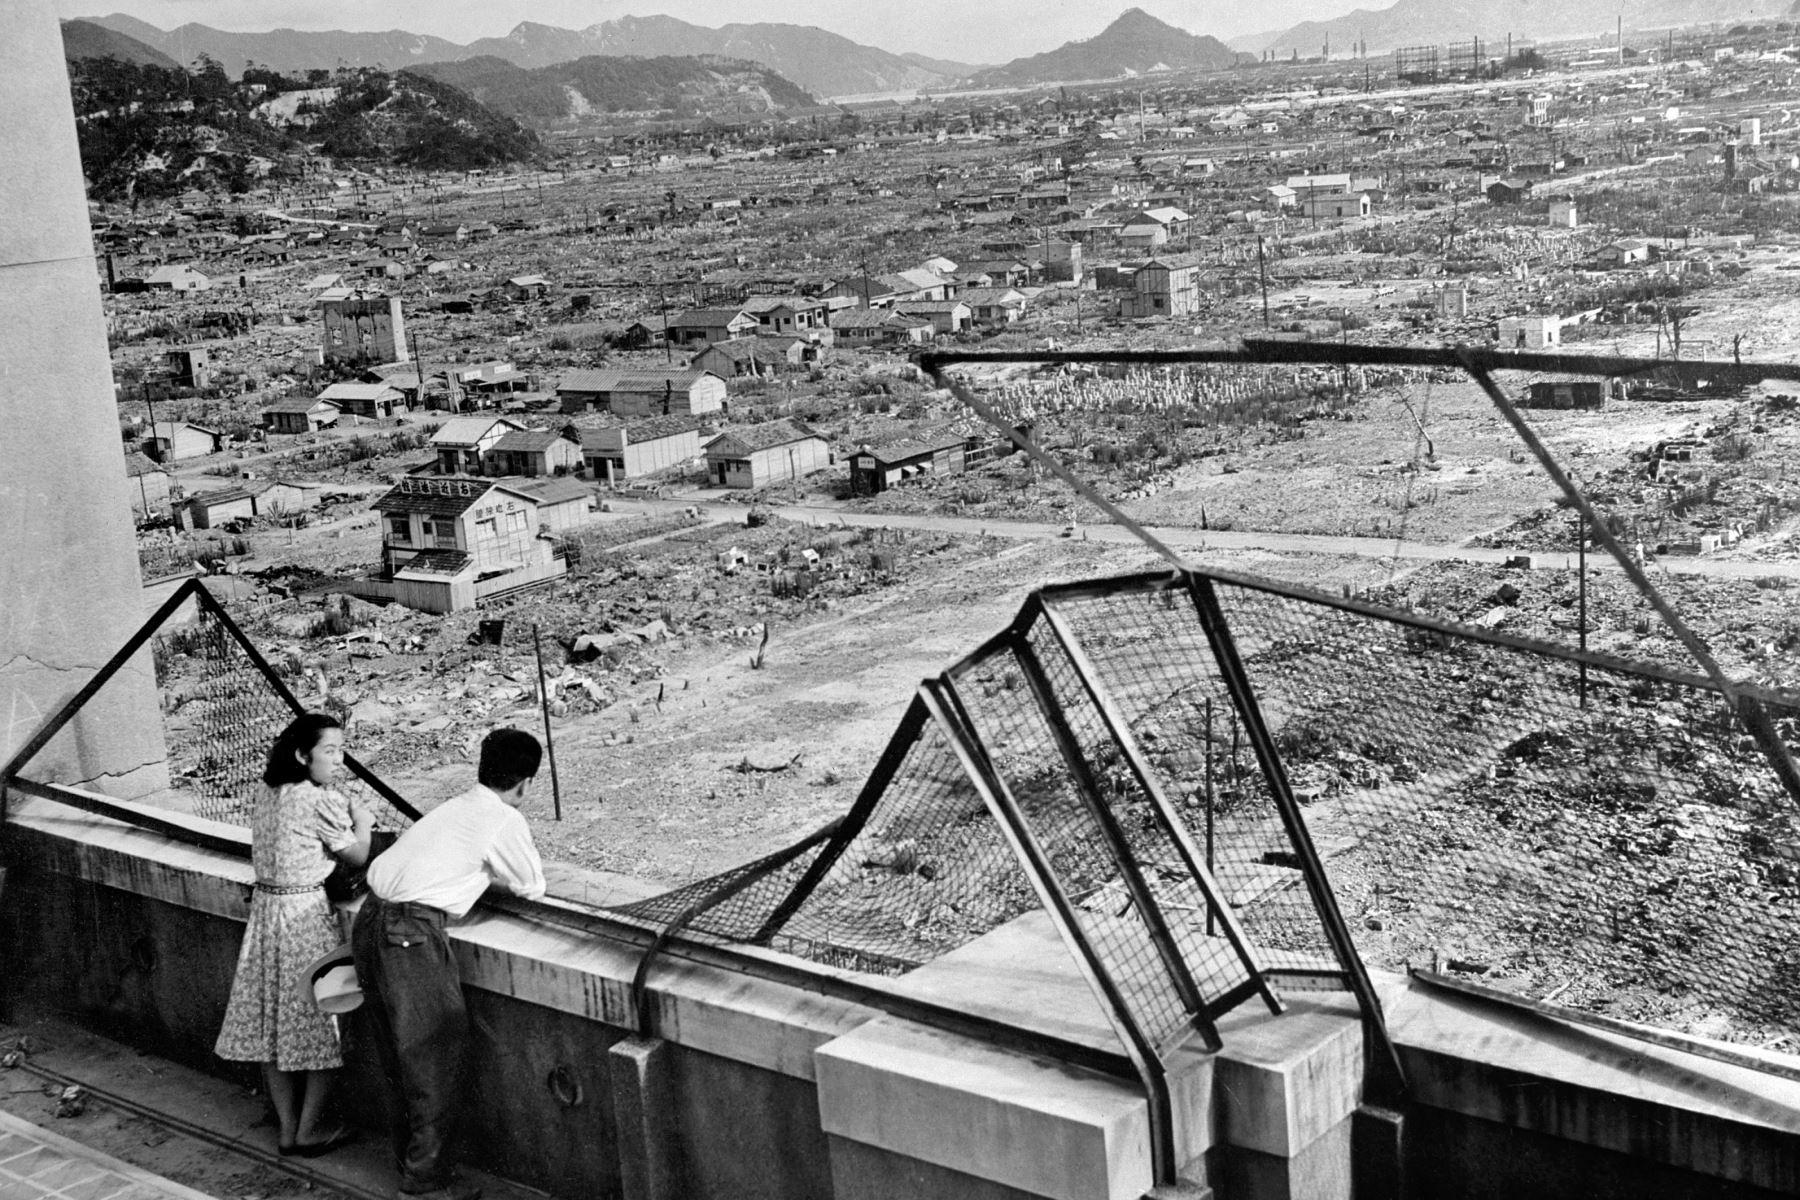 Foto tomada en 1948, que muestra la devastada ciudad de Hiroshima en Japón, tres años después de arrojada la primera bomba atómica sobre su población. Foto: AFP